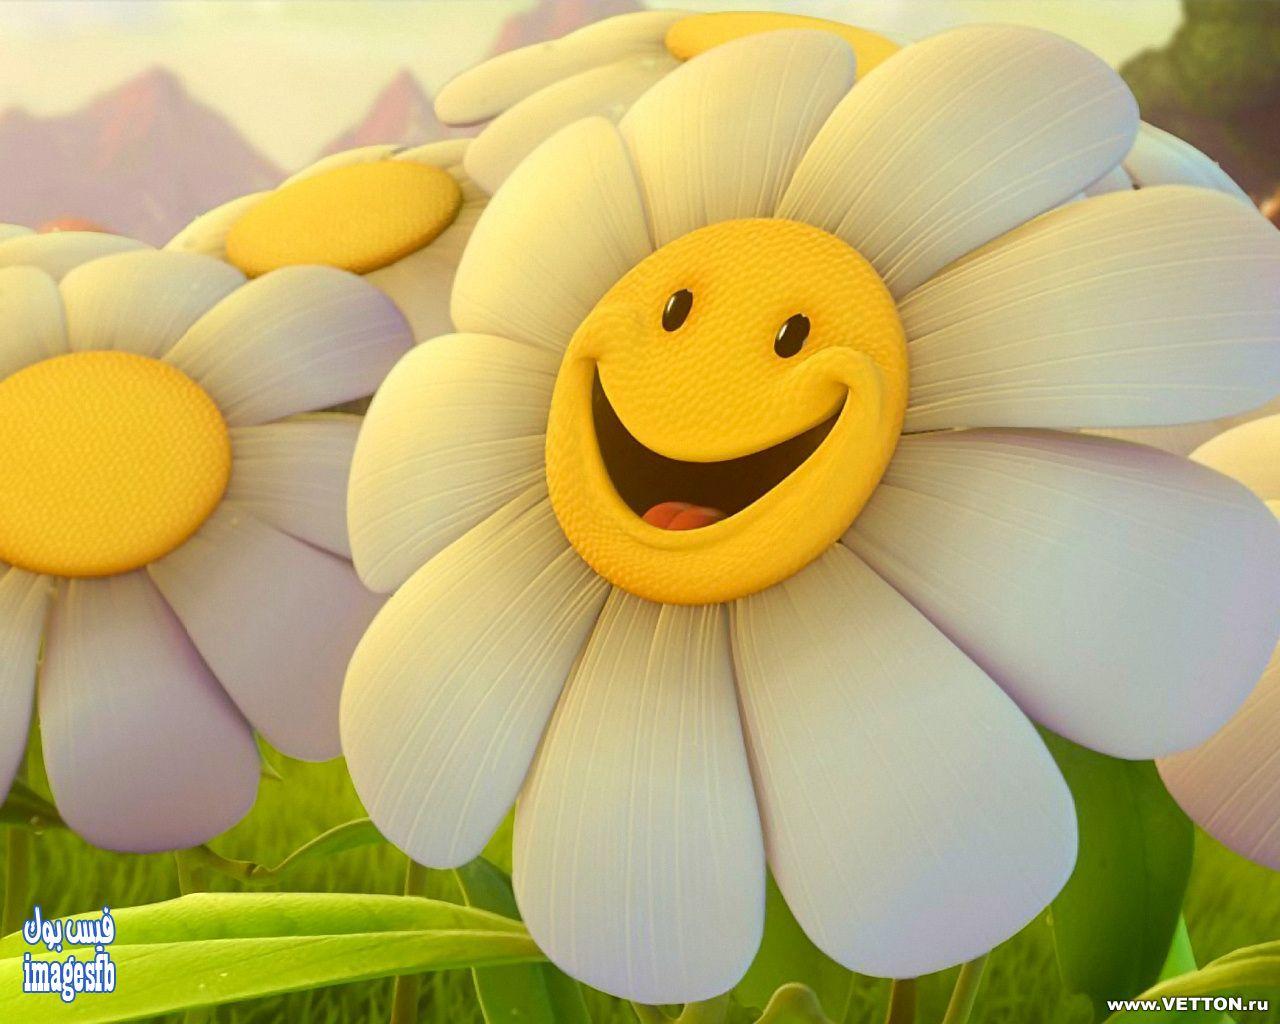 بالصور صور ابتسامات متحركة , وجوه تعبيريه مضحكه اشكال فيسات مضحكه 4189 5